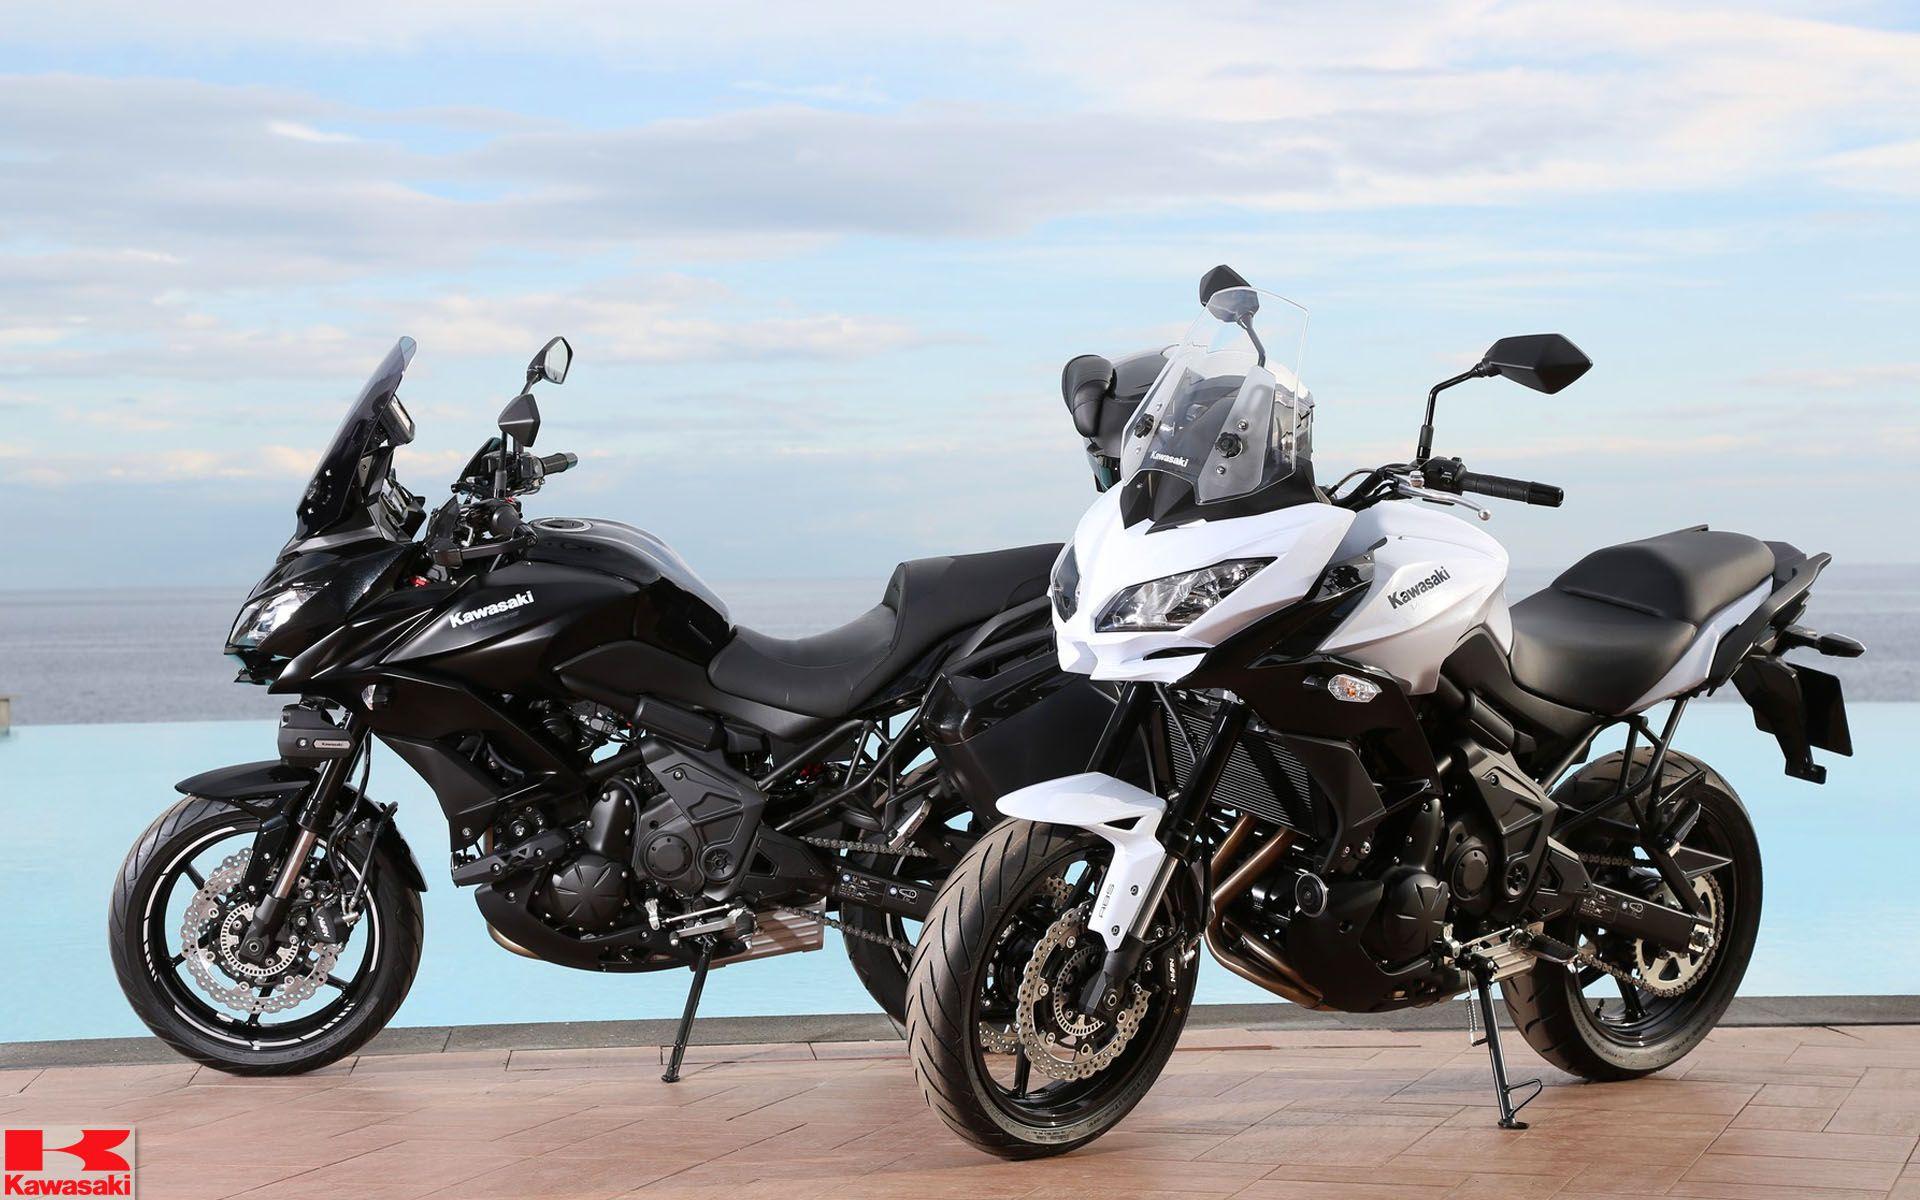 2015 Kawasaki Versys 650 LT HD Wallpaper